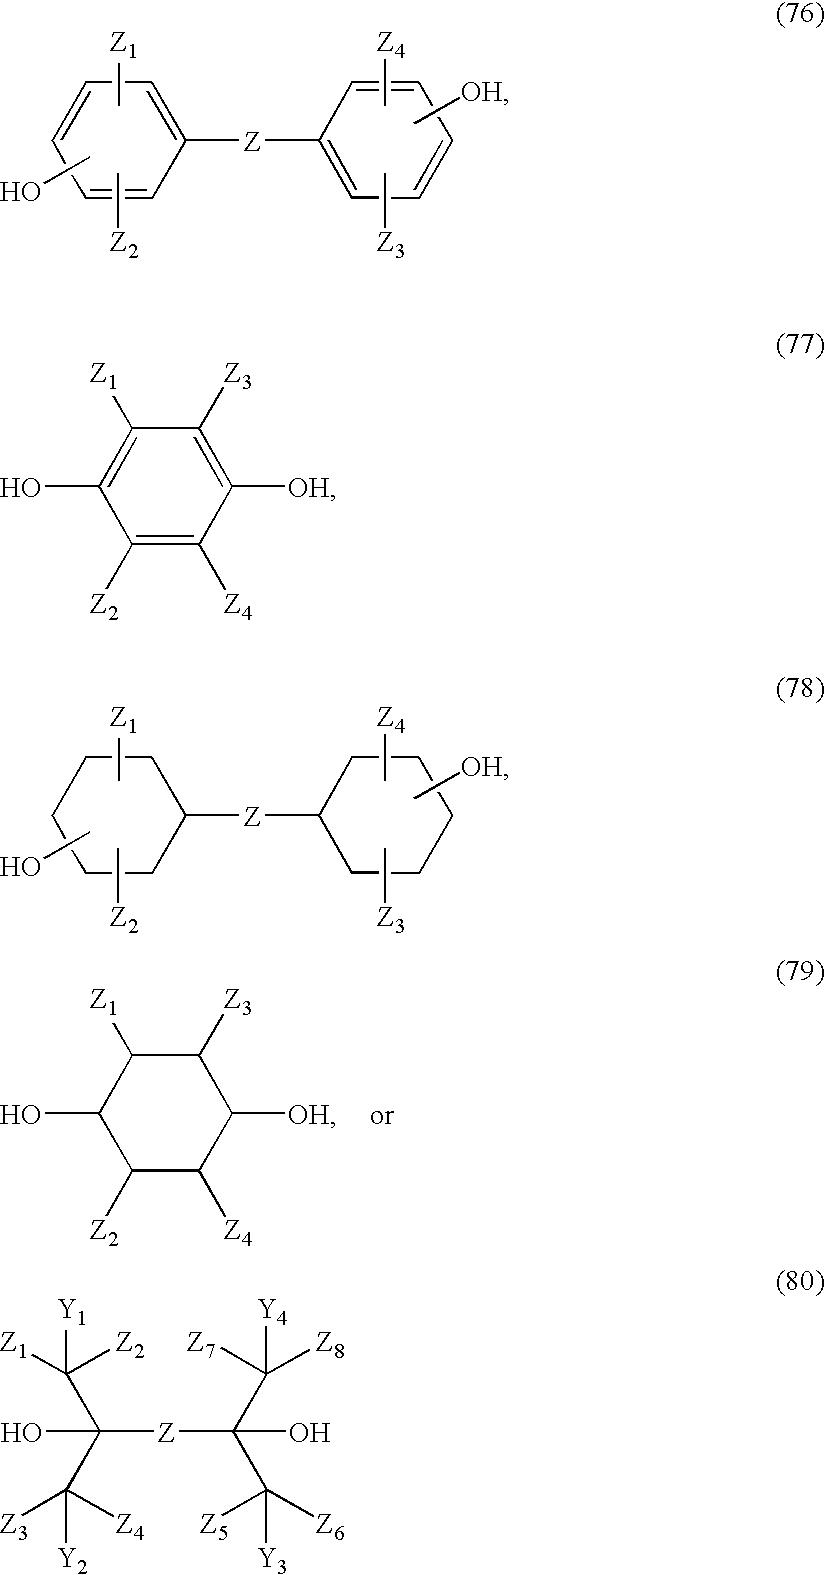 Figure US20040220373A1-20041104-C00044